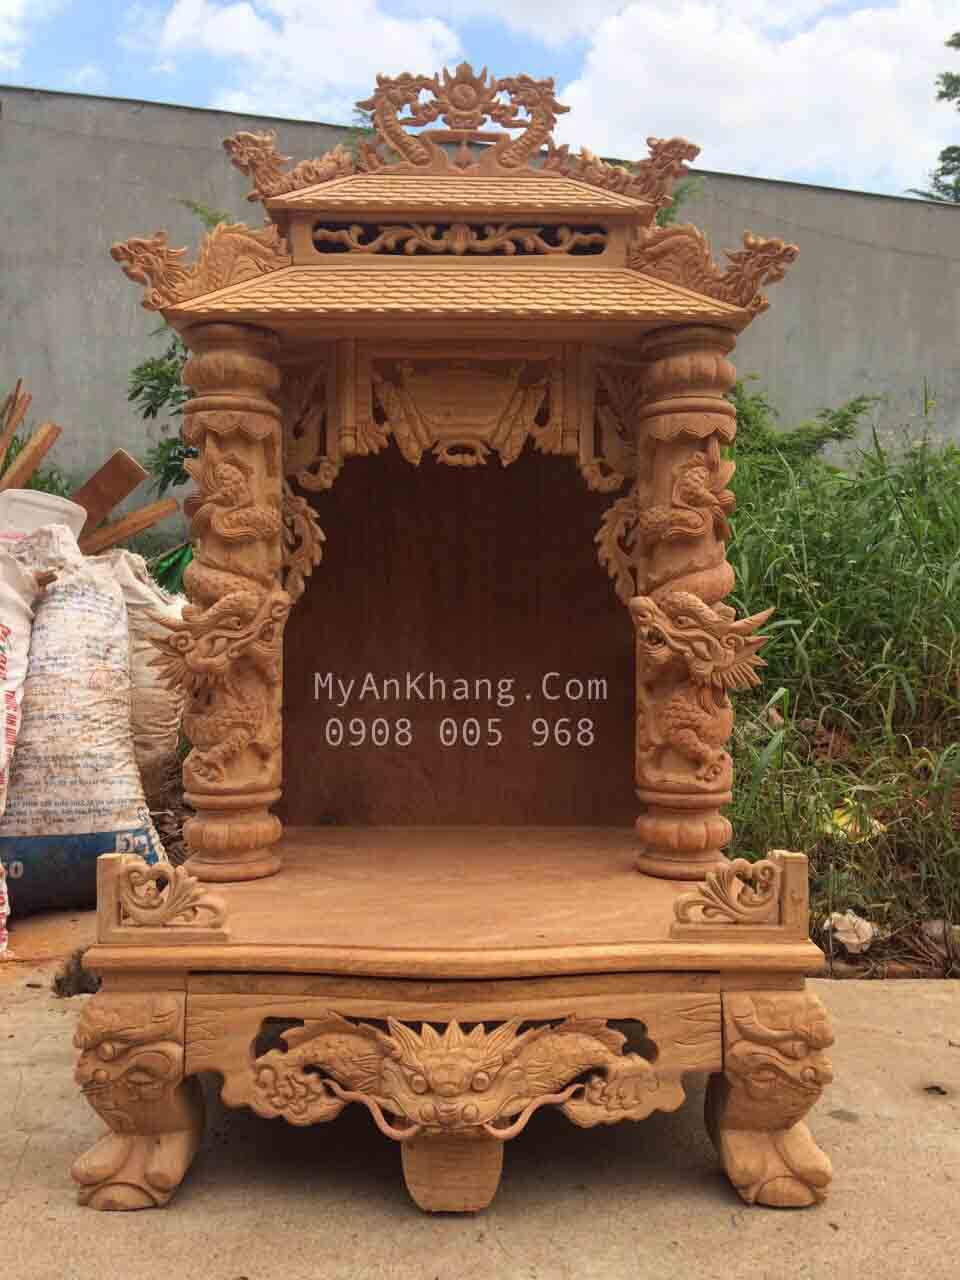 MẪu bàn thờ ông địa mái chùa đẹp hông VIP